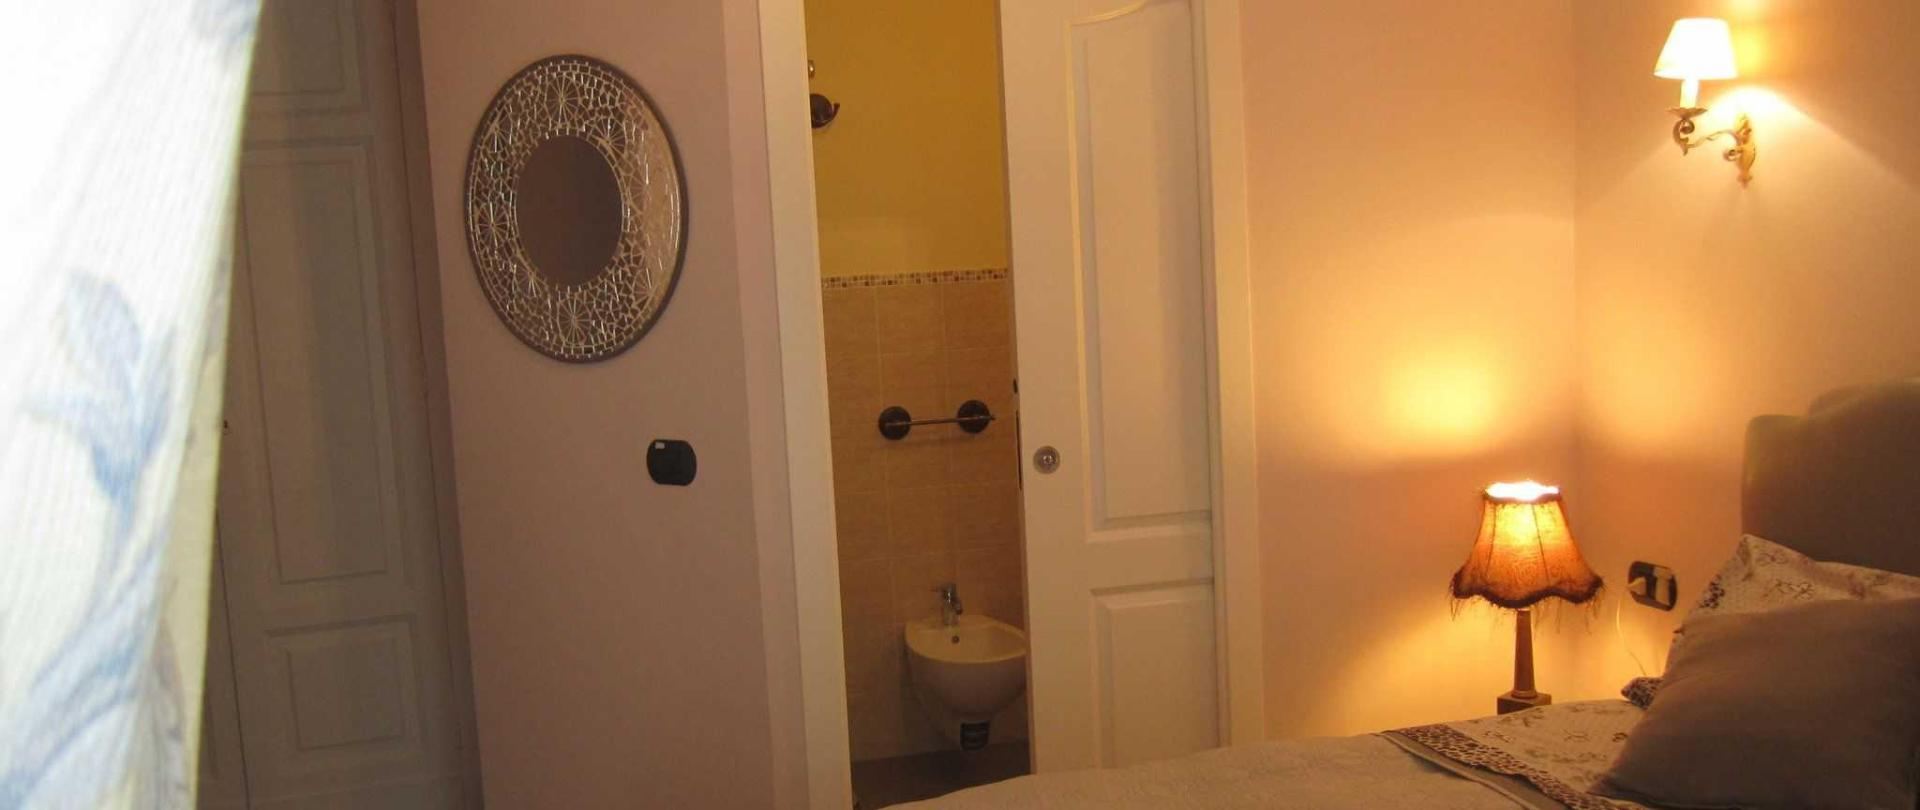 fant-letto-bagno-2.jpg